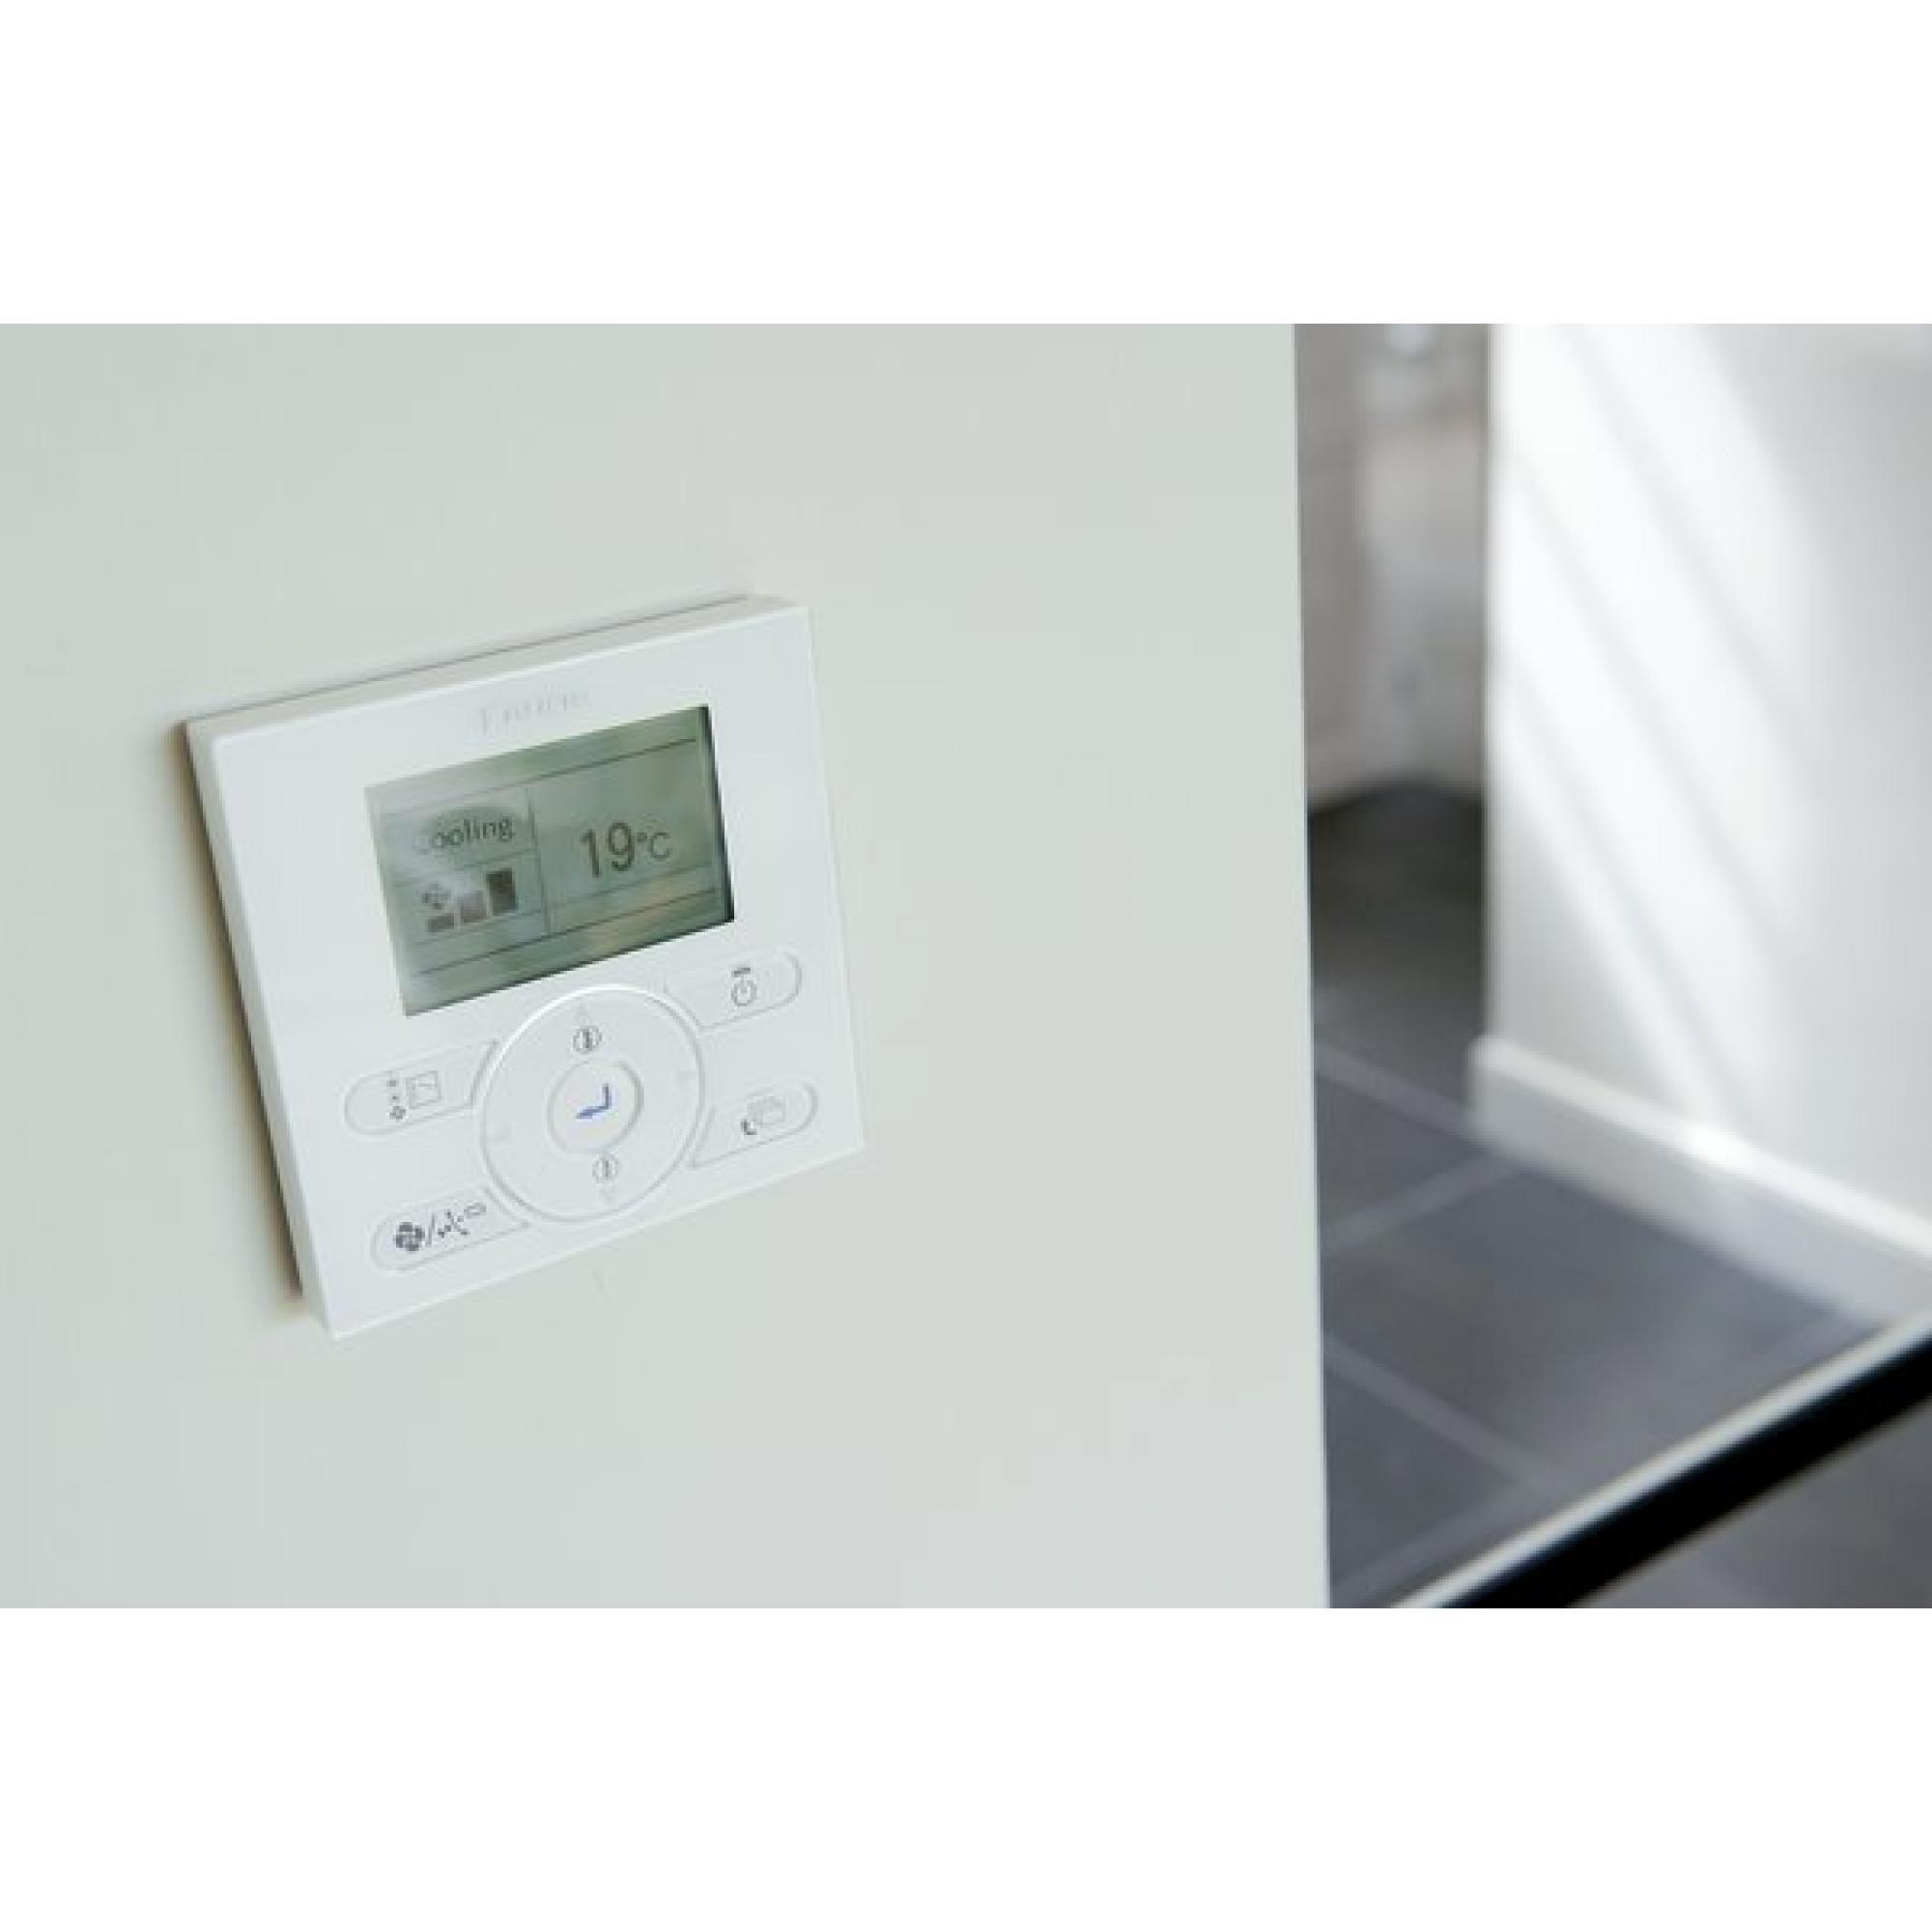 Termostato daikin ekrucbs for Simbolos aire acondicionado daikin